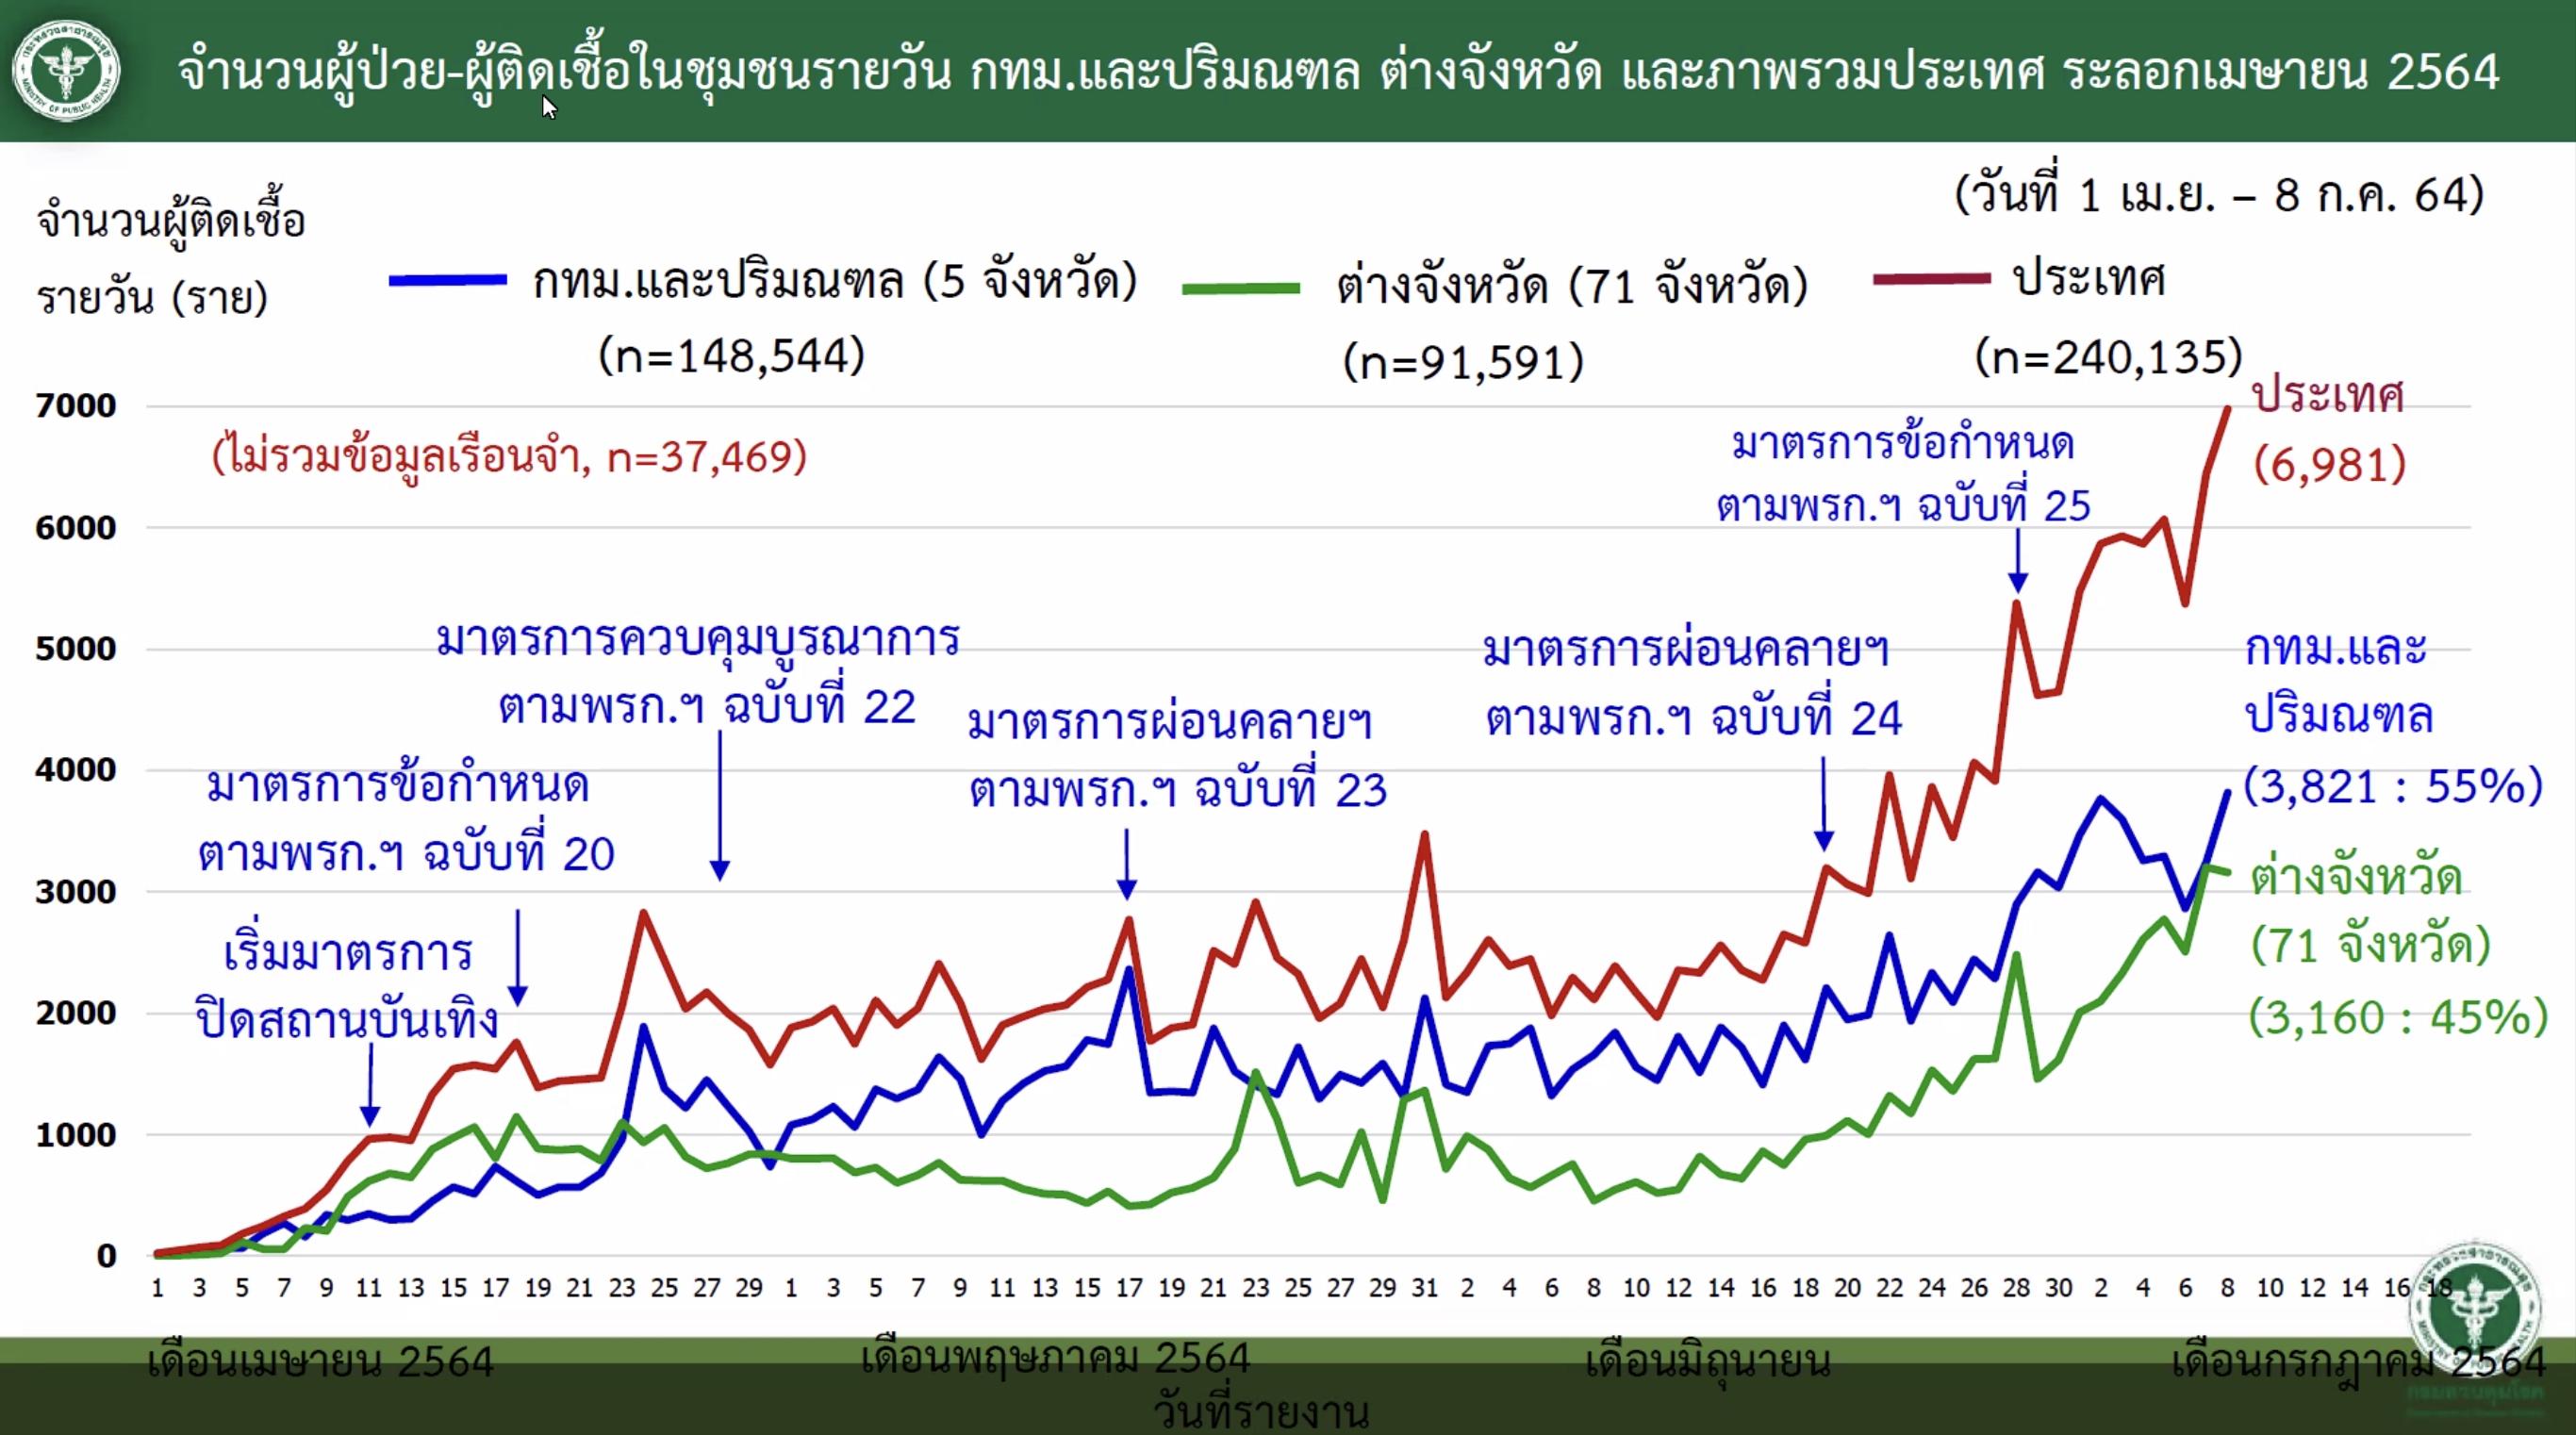 www.thaiguide.dk/images/forum/covid19/smittede%20bangkok%20metro%20resten%20landet%2008-07-21.jpg